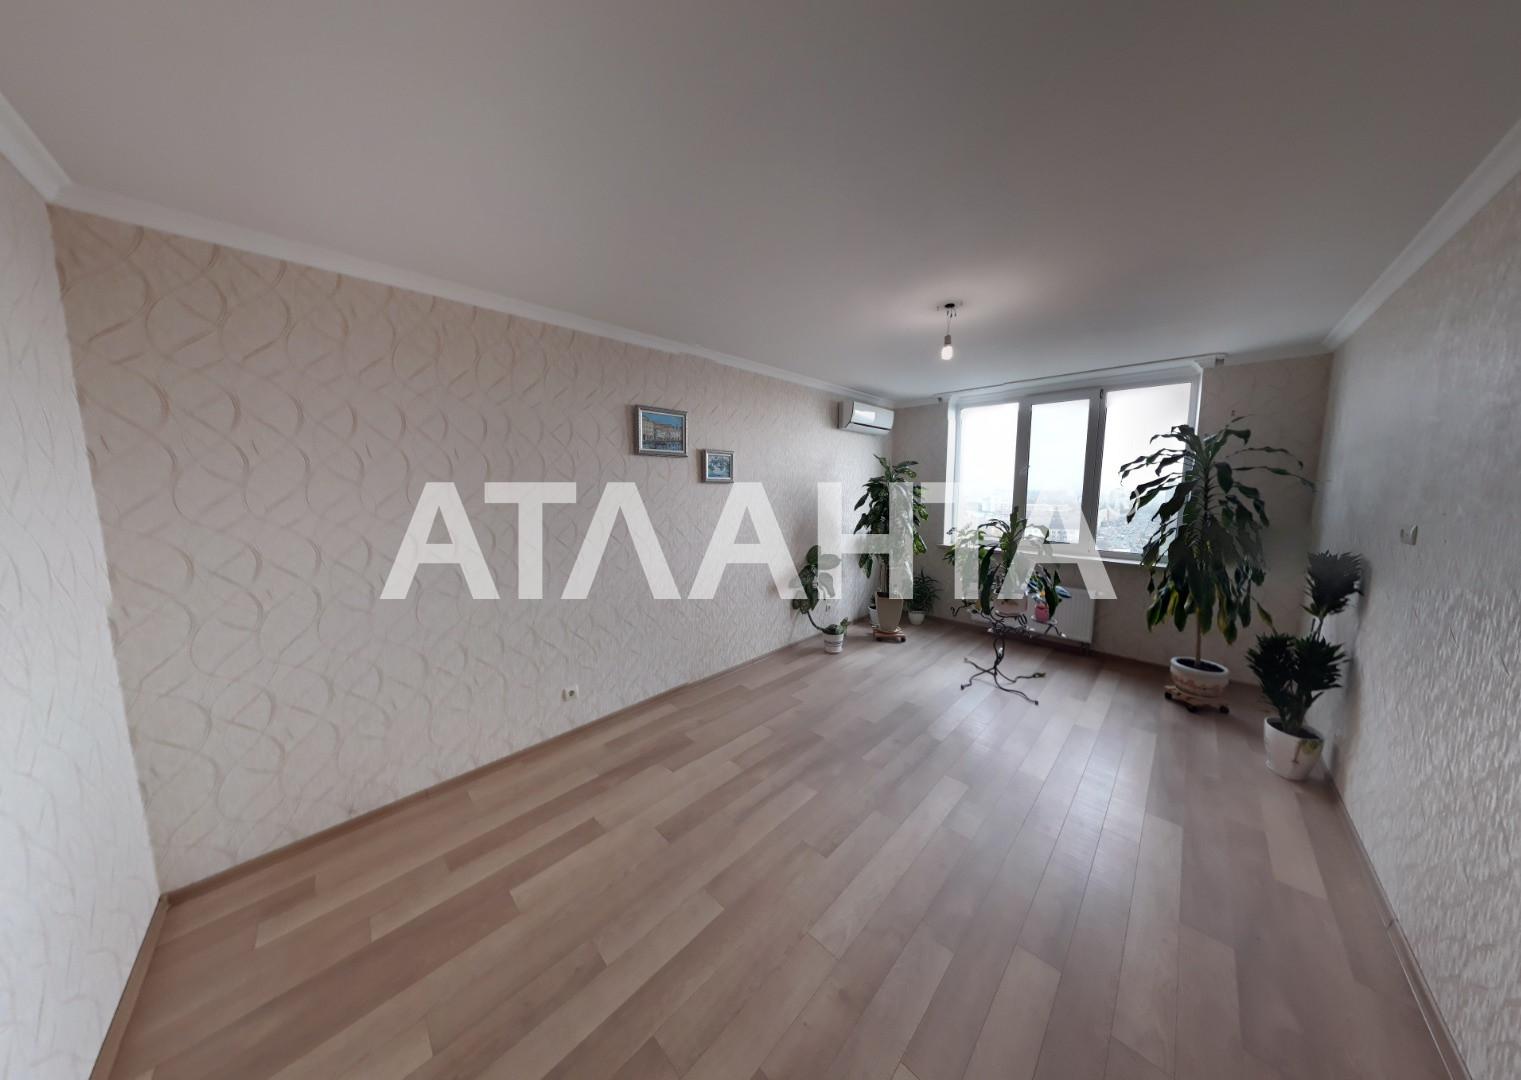 Продается 3-комнатная Квартира на ул. Ул. Максимовича — 153 000 у.е. (фото №23)